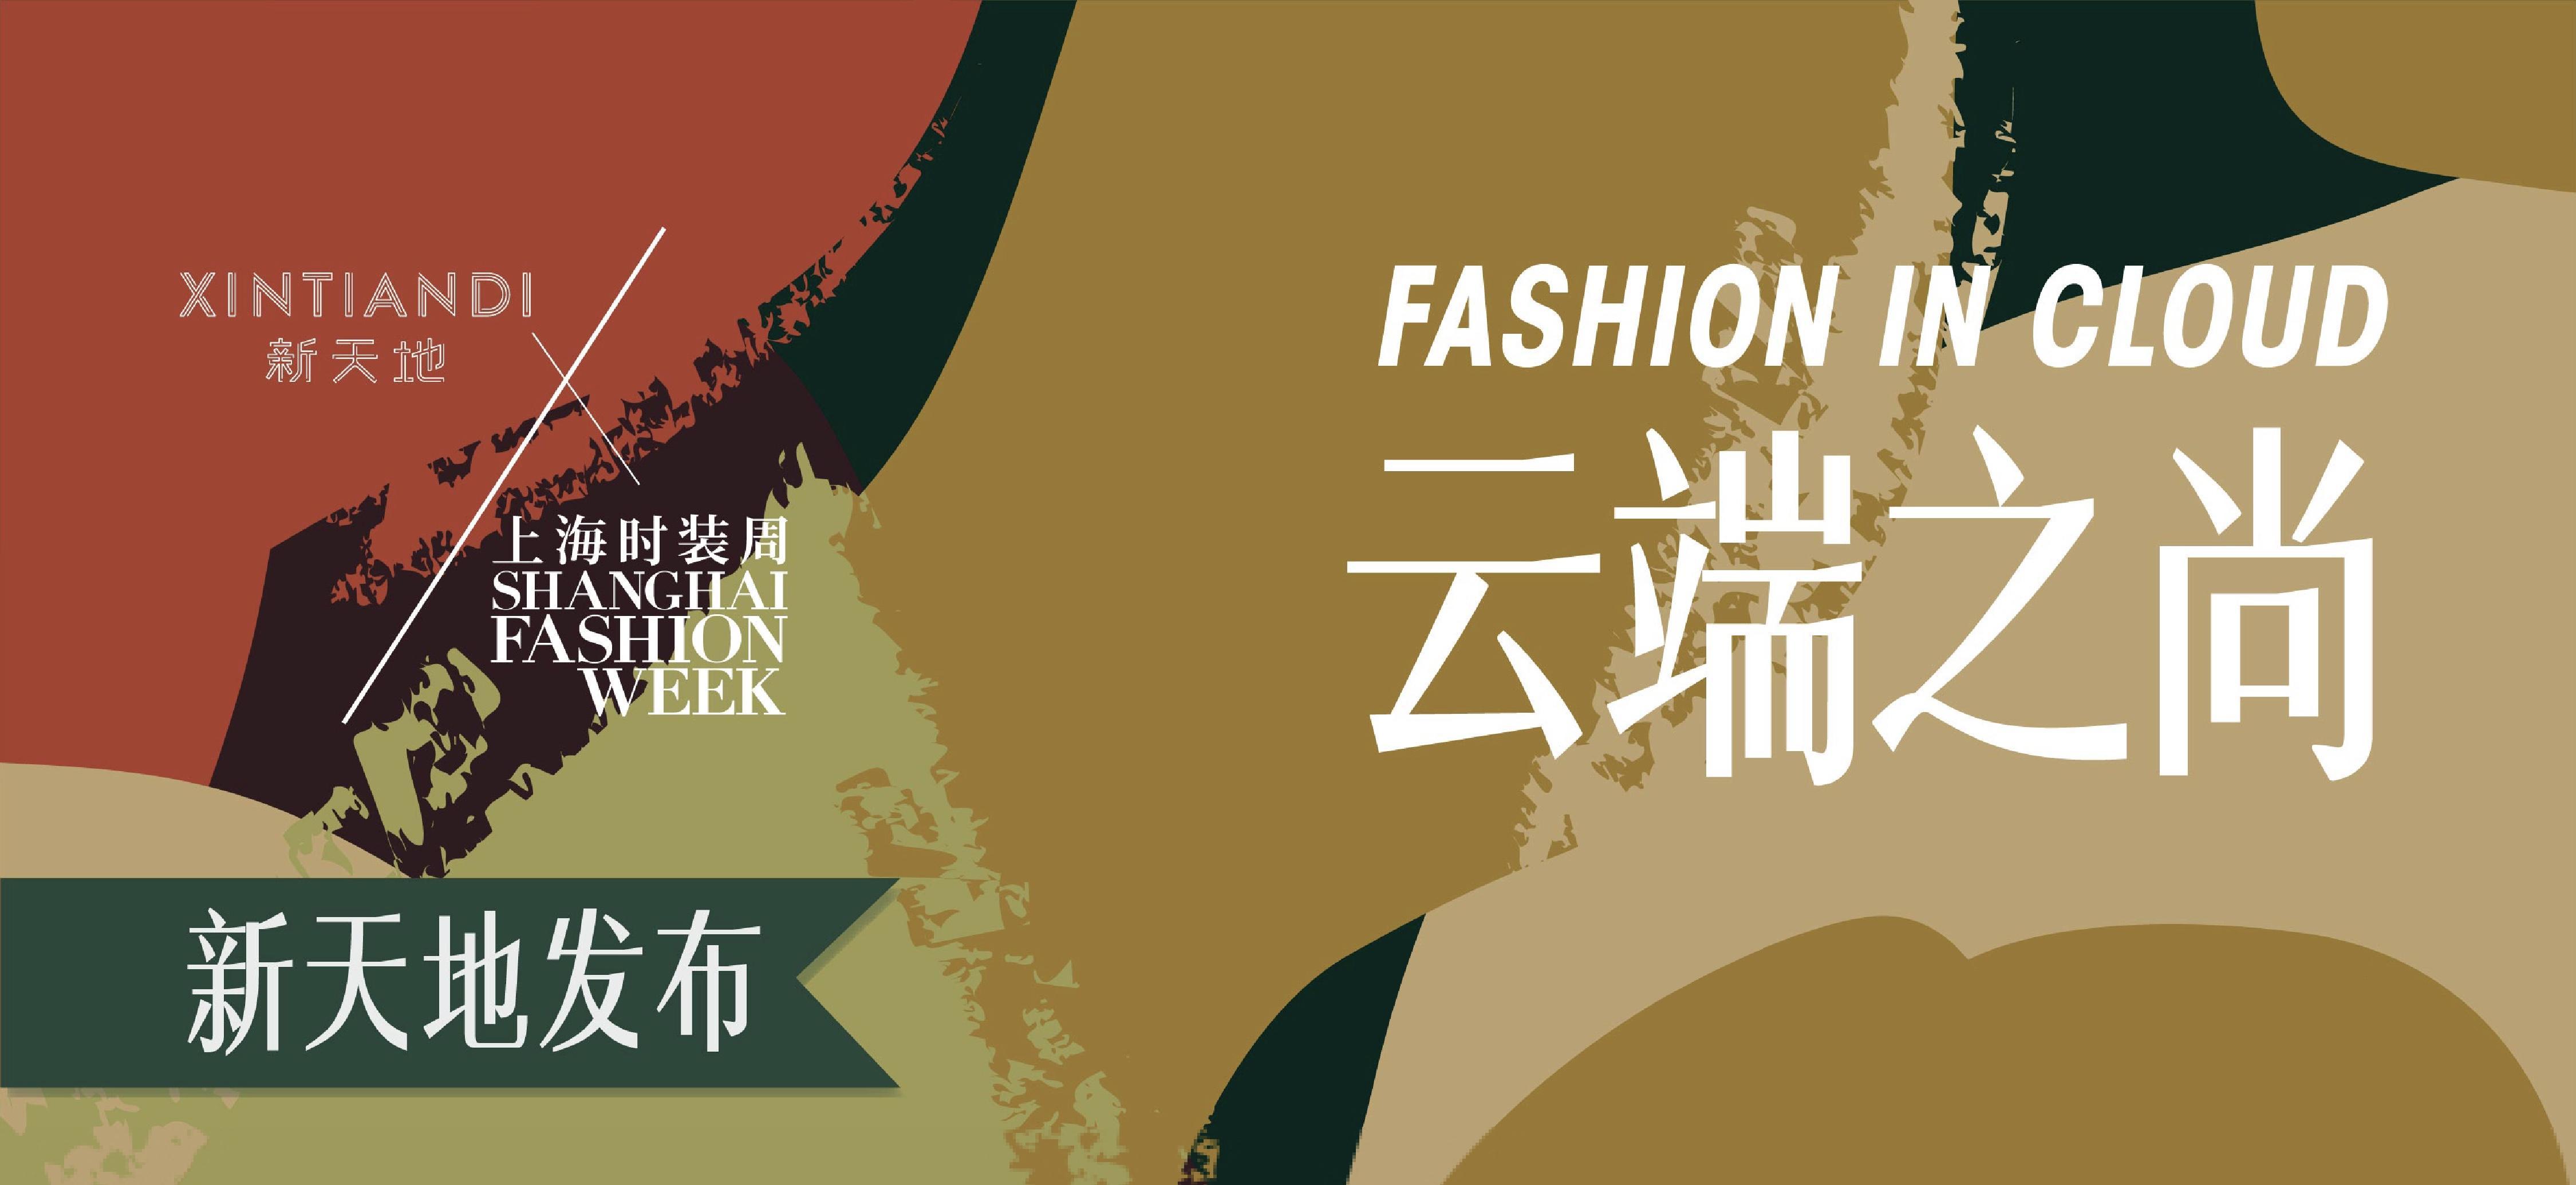 """破界潮前,即秀即买,XINTIANDI新天地助力上海时装周打造全球首个""""云上时装周"""""""